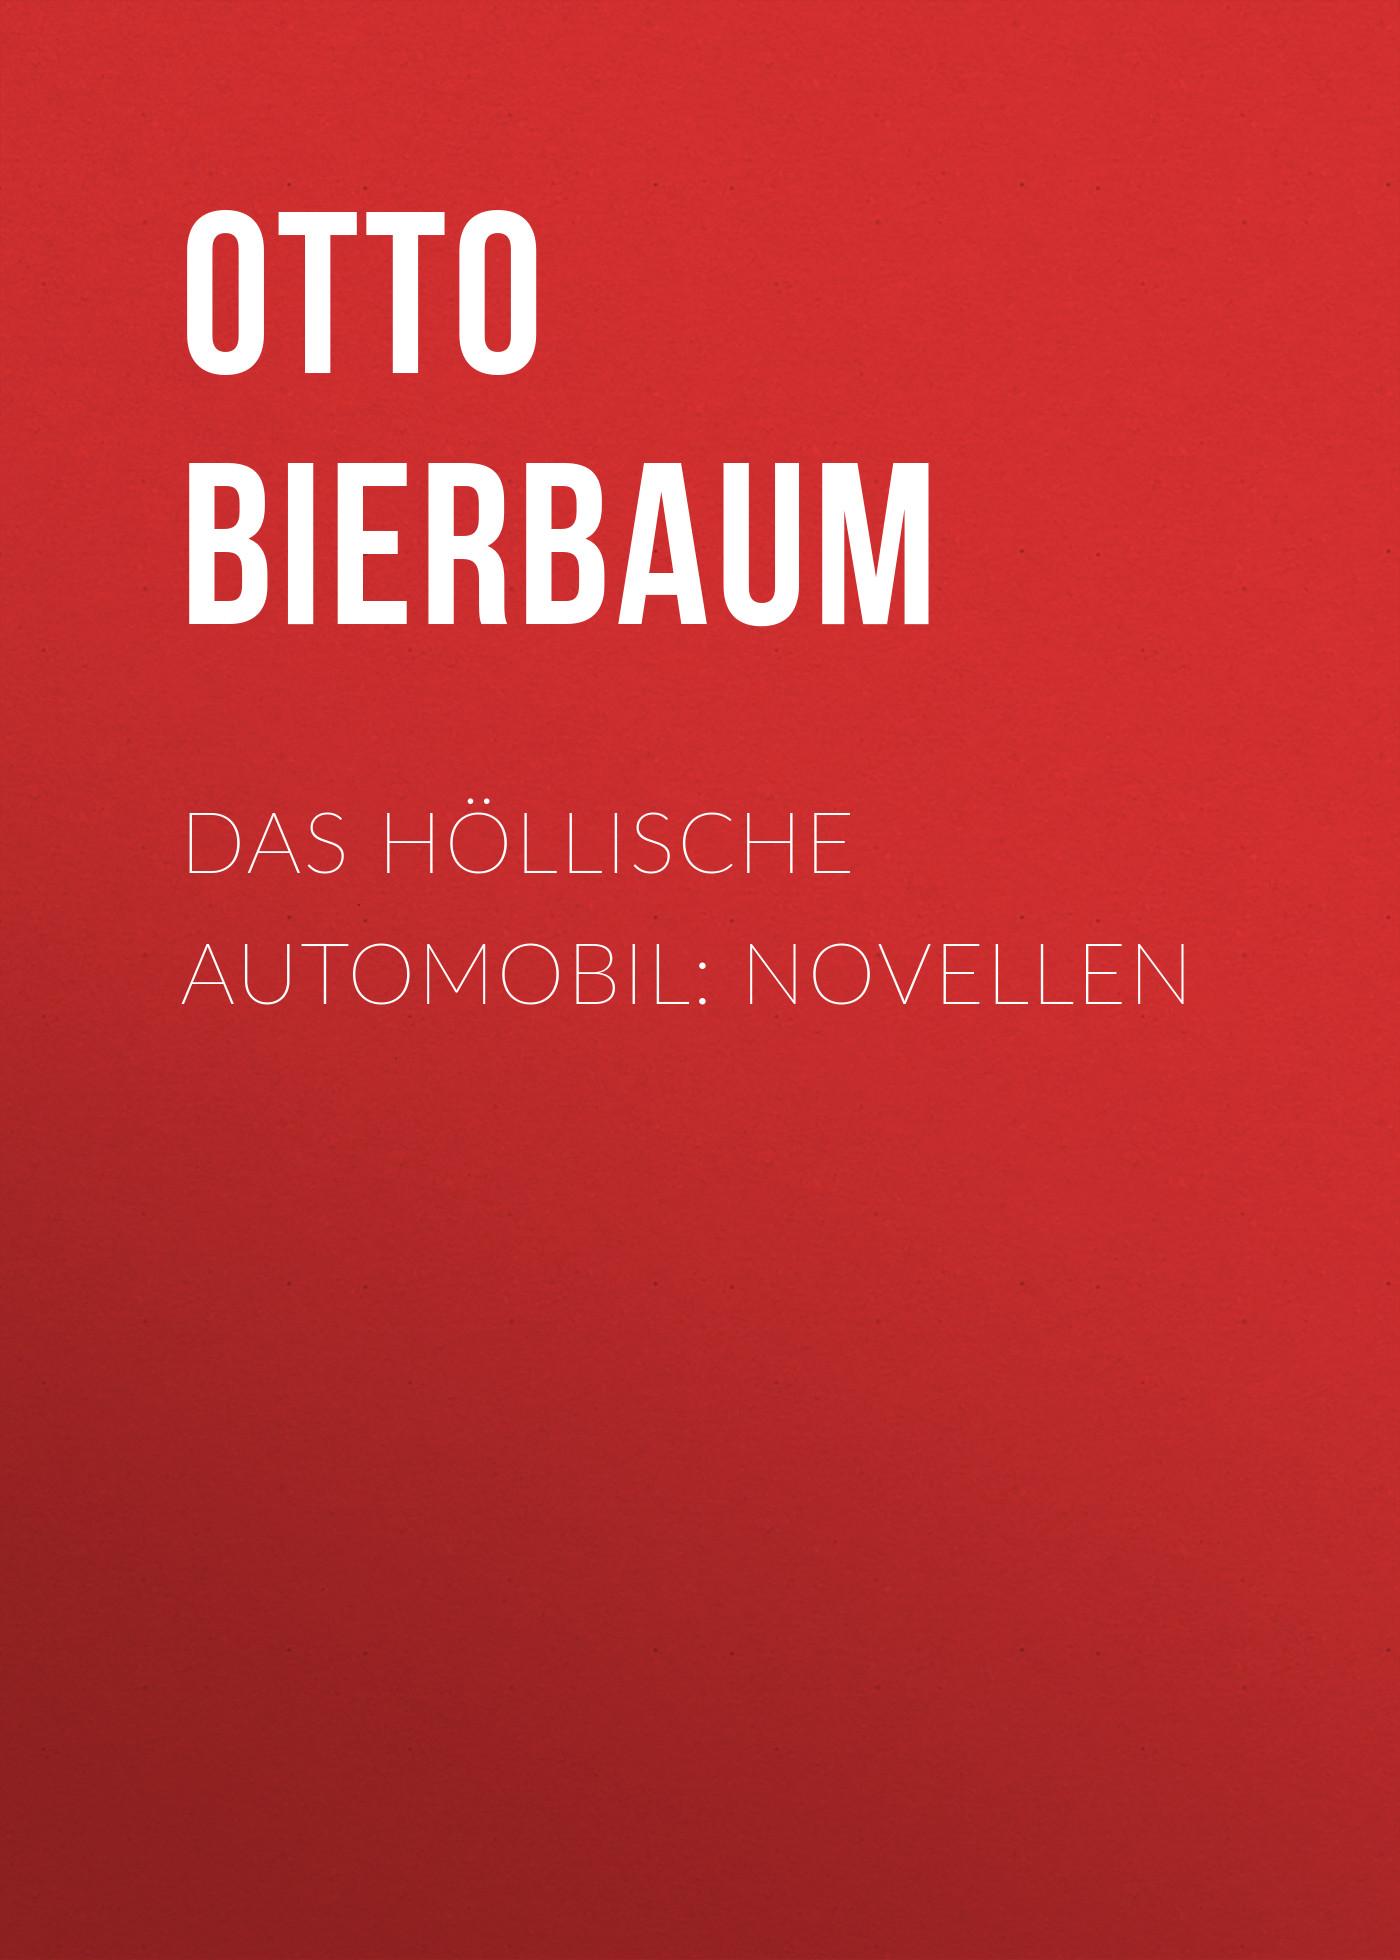 Otto Julius Bierbaum Das höllische Automobil: Novellen цена в Москве и Питере